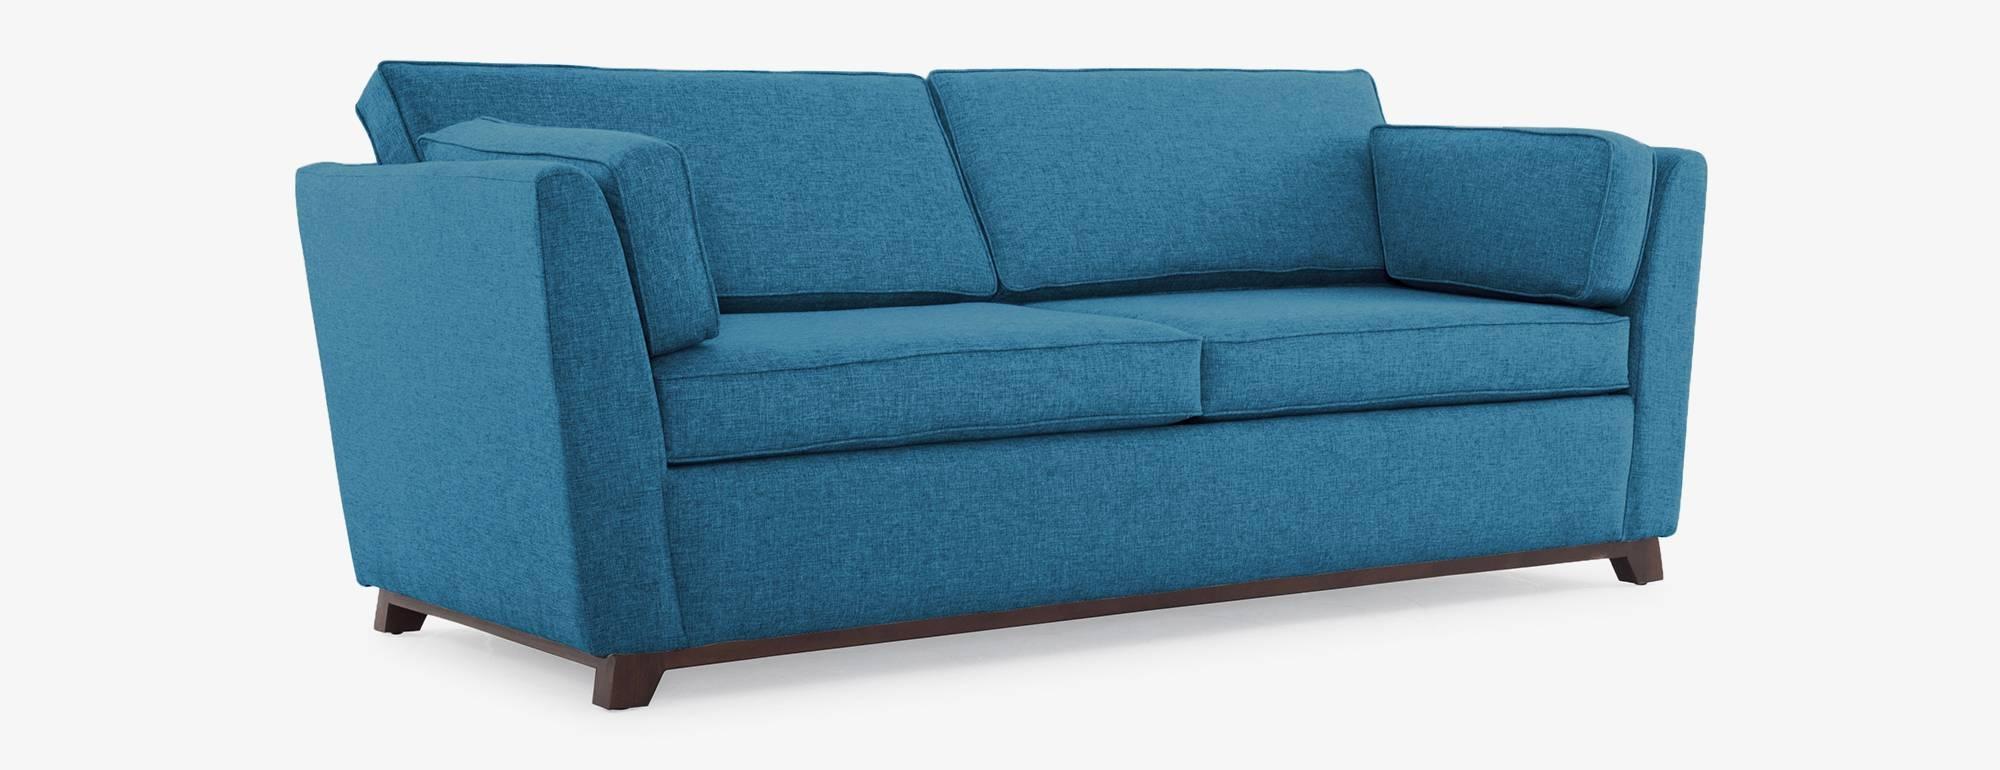 Roller Sleeper Sofa | Joybird in Aqua Sofa Beds (Image 26 of 30)